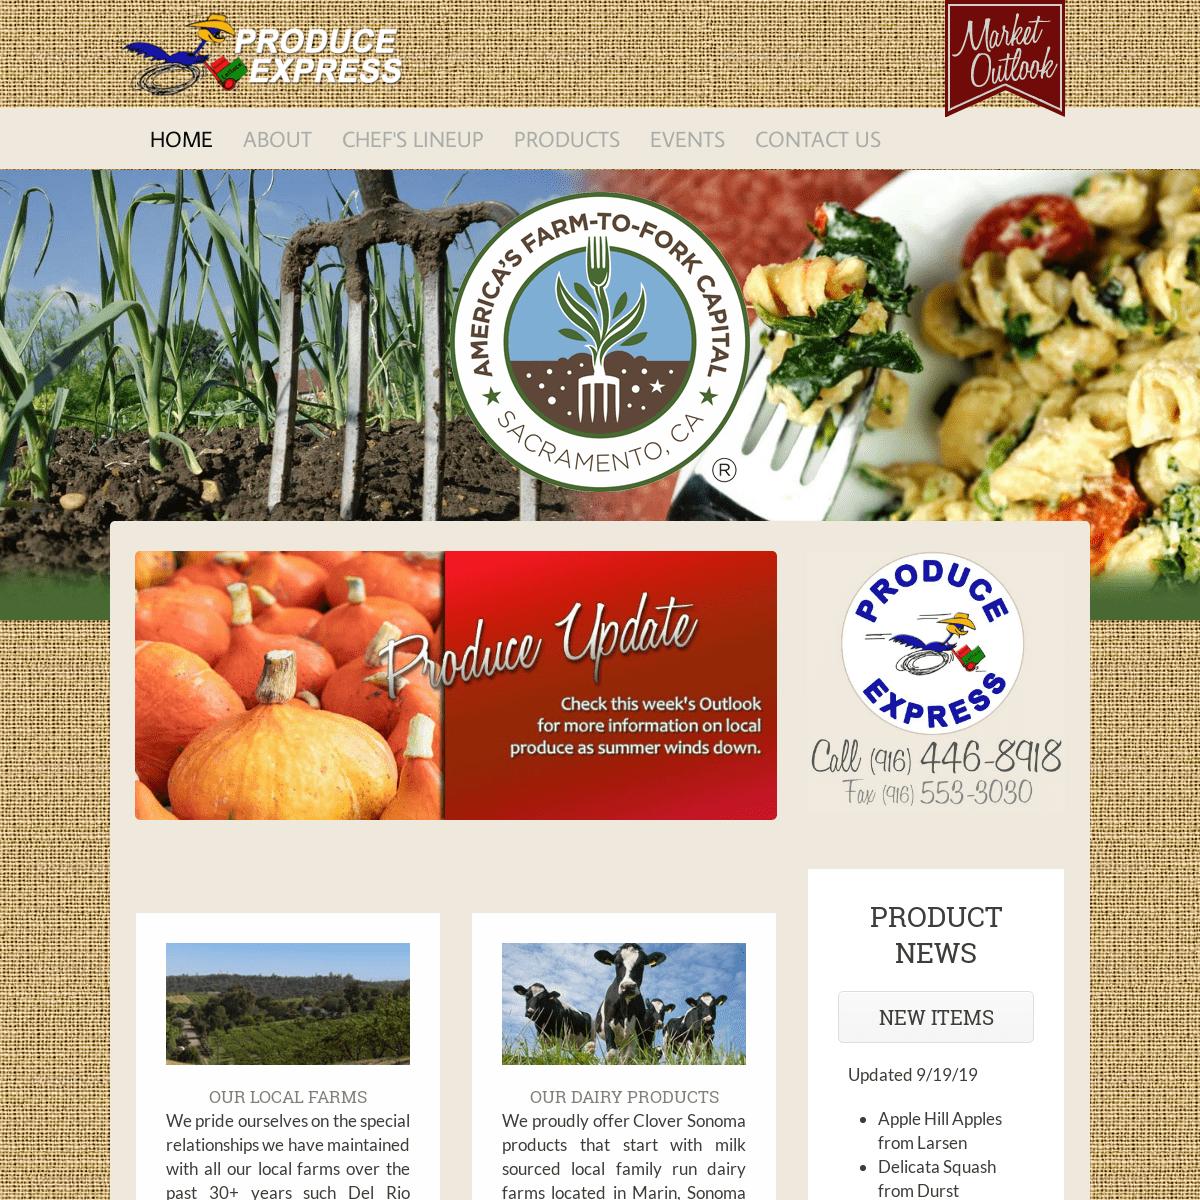 Home - Produce Express of Sacramento, California